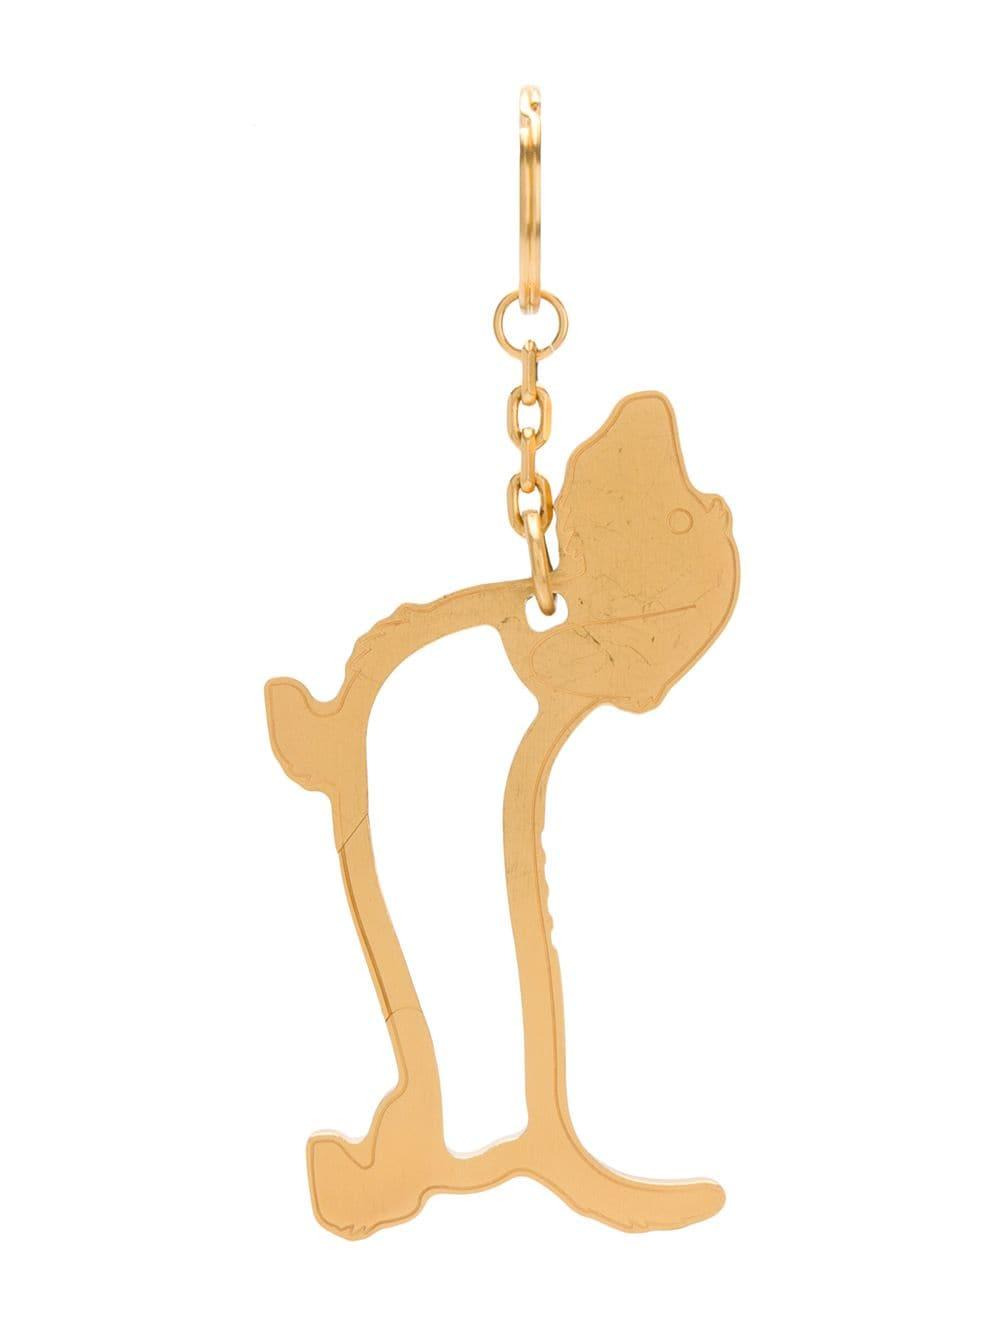 Thom Browne 'Hector' Schlüsselanhänger - Gold